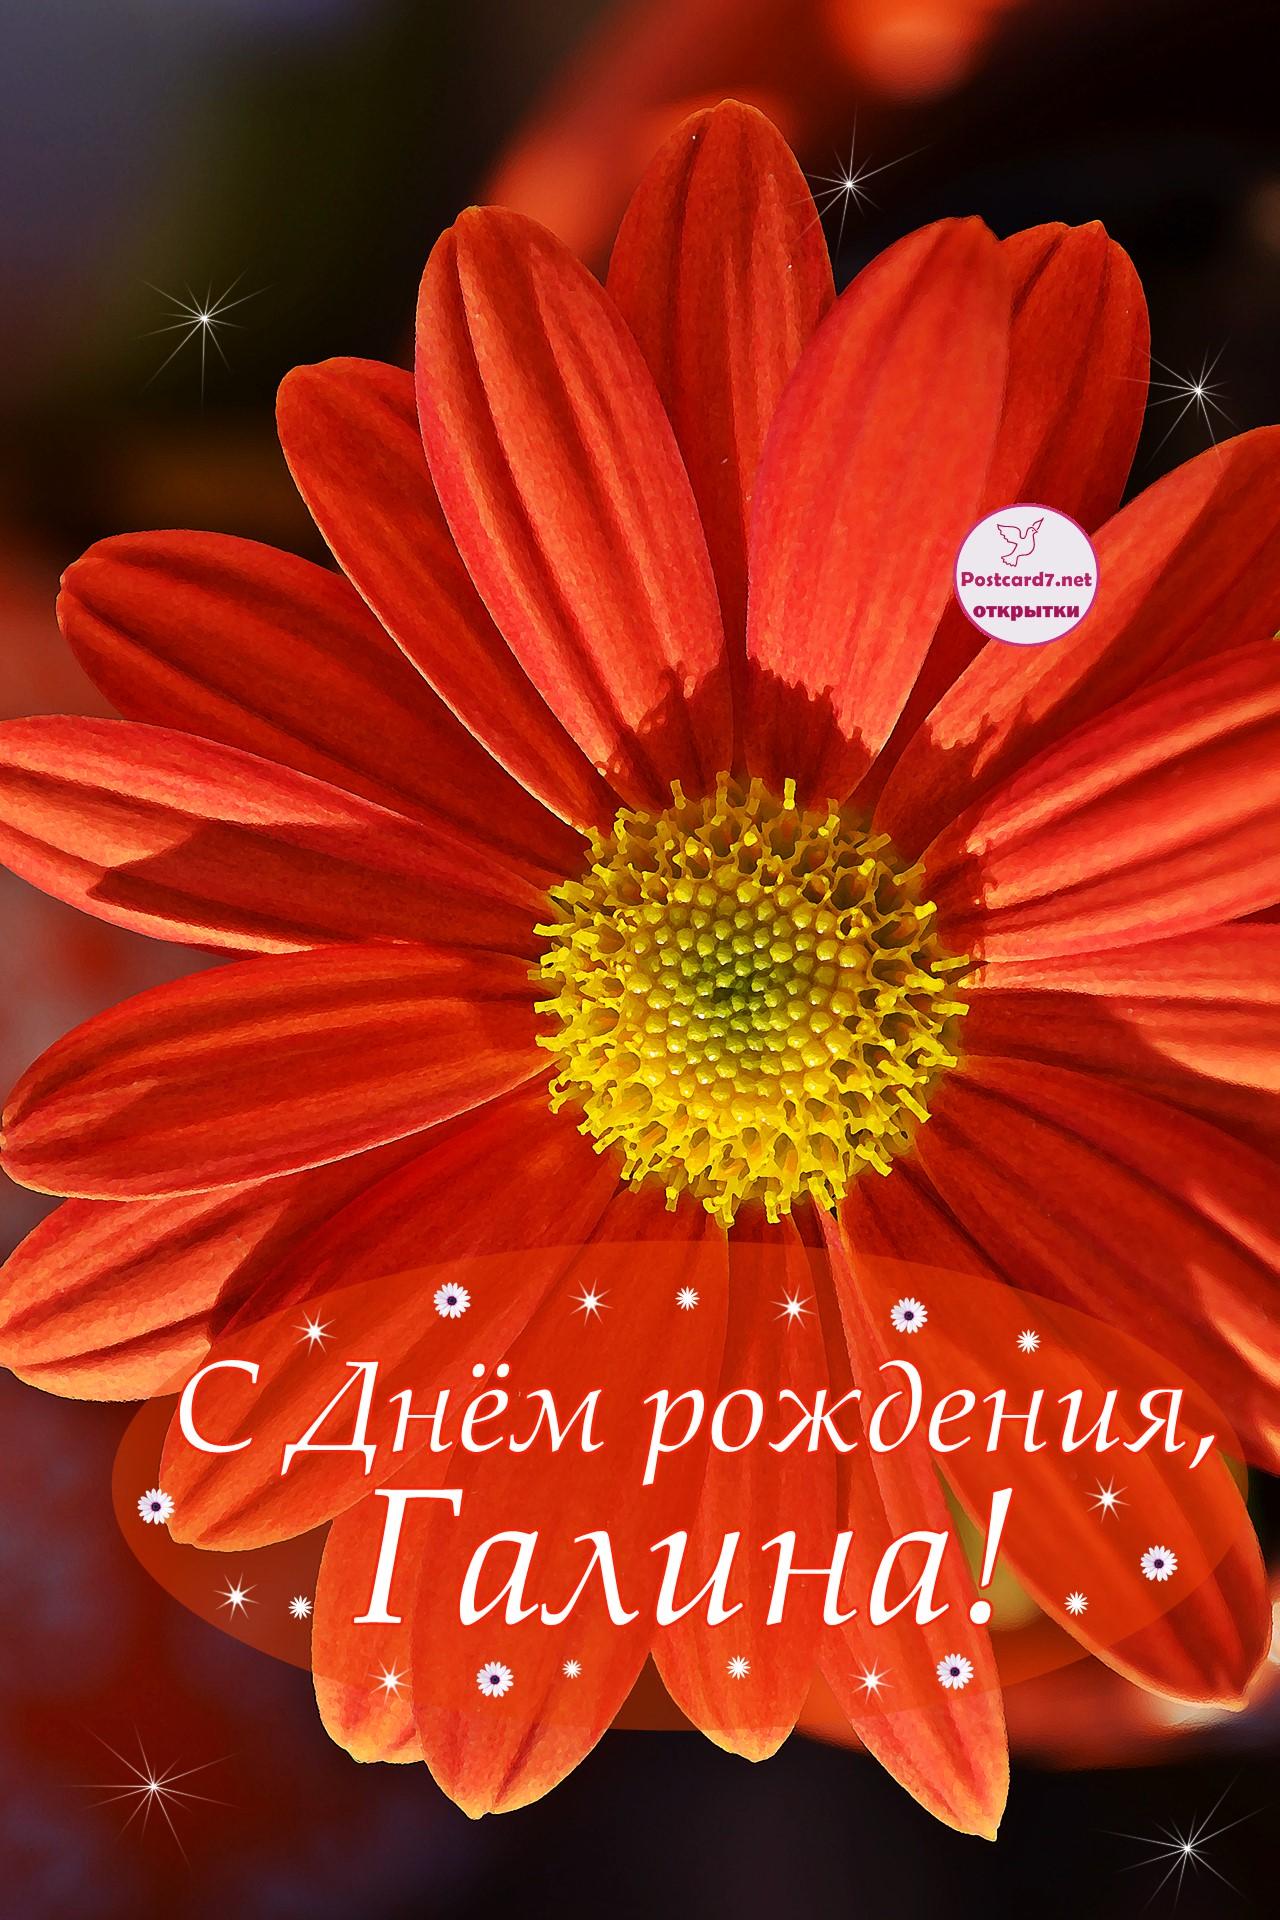 С Днём рождения, Галина, открытка с алой хризантемой